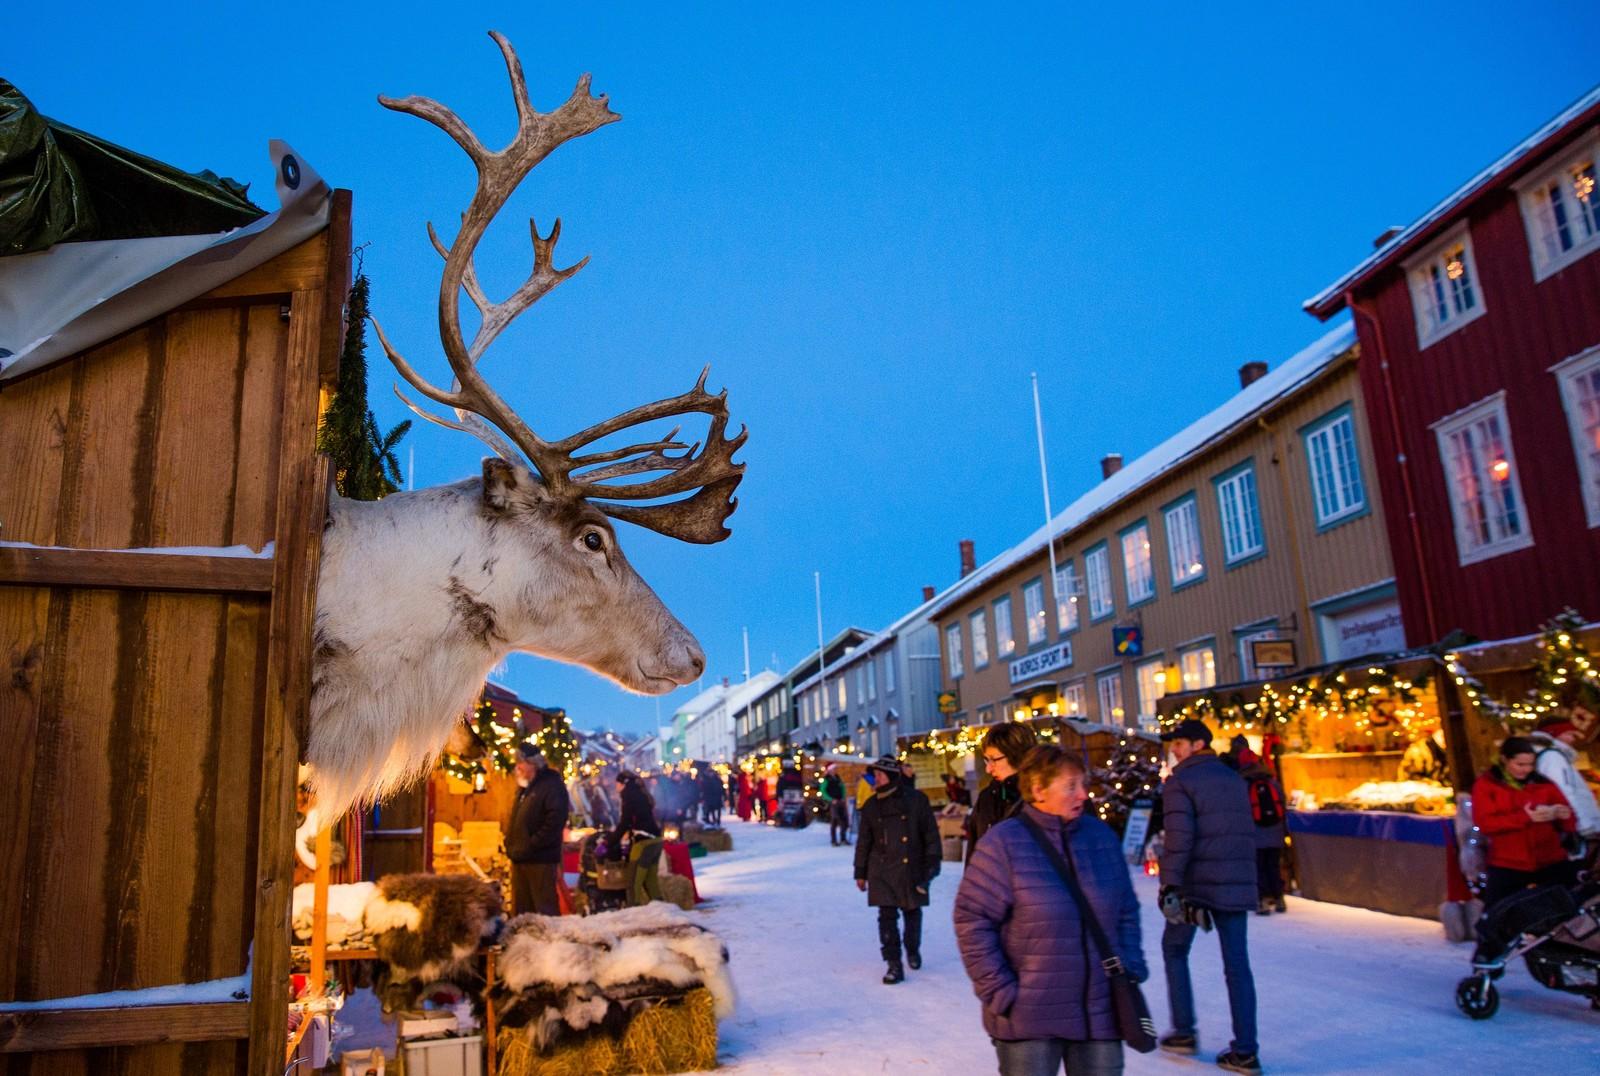 Årets julemarked på Røros arrangeres fra 3. til 6. desember. Har du ikke kommet i skikkelig julestemning ennå, vil du garantert gjøre det her.